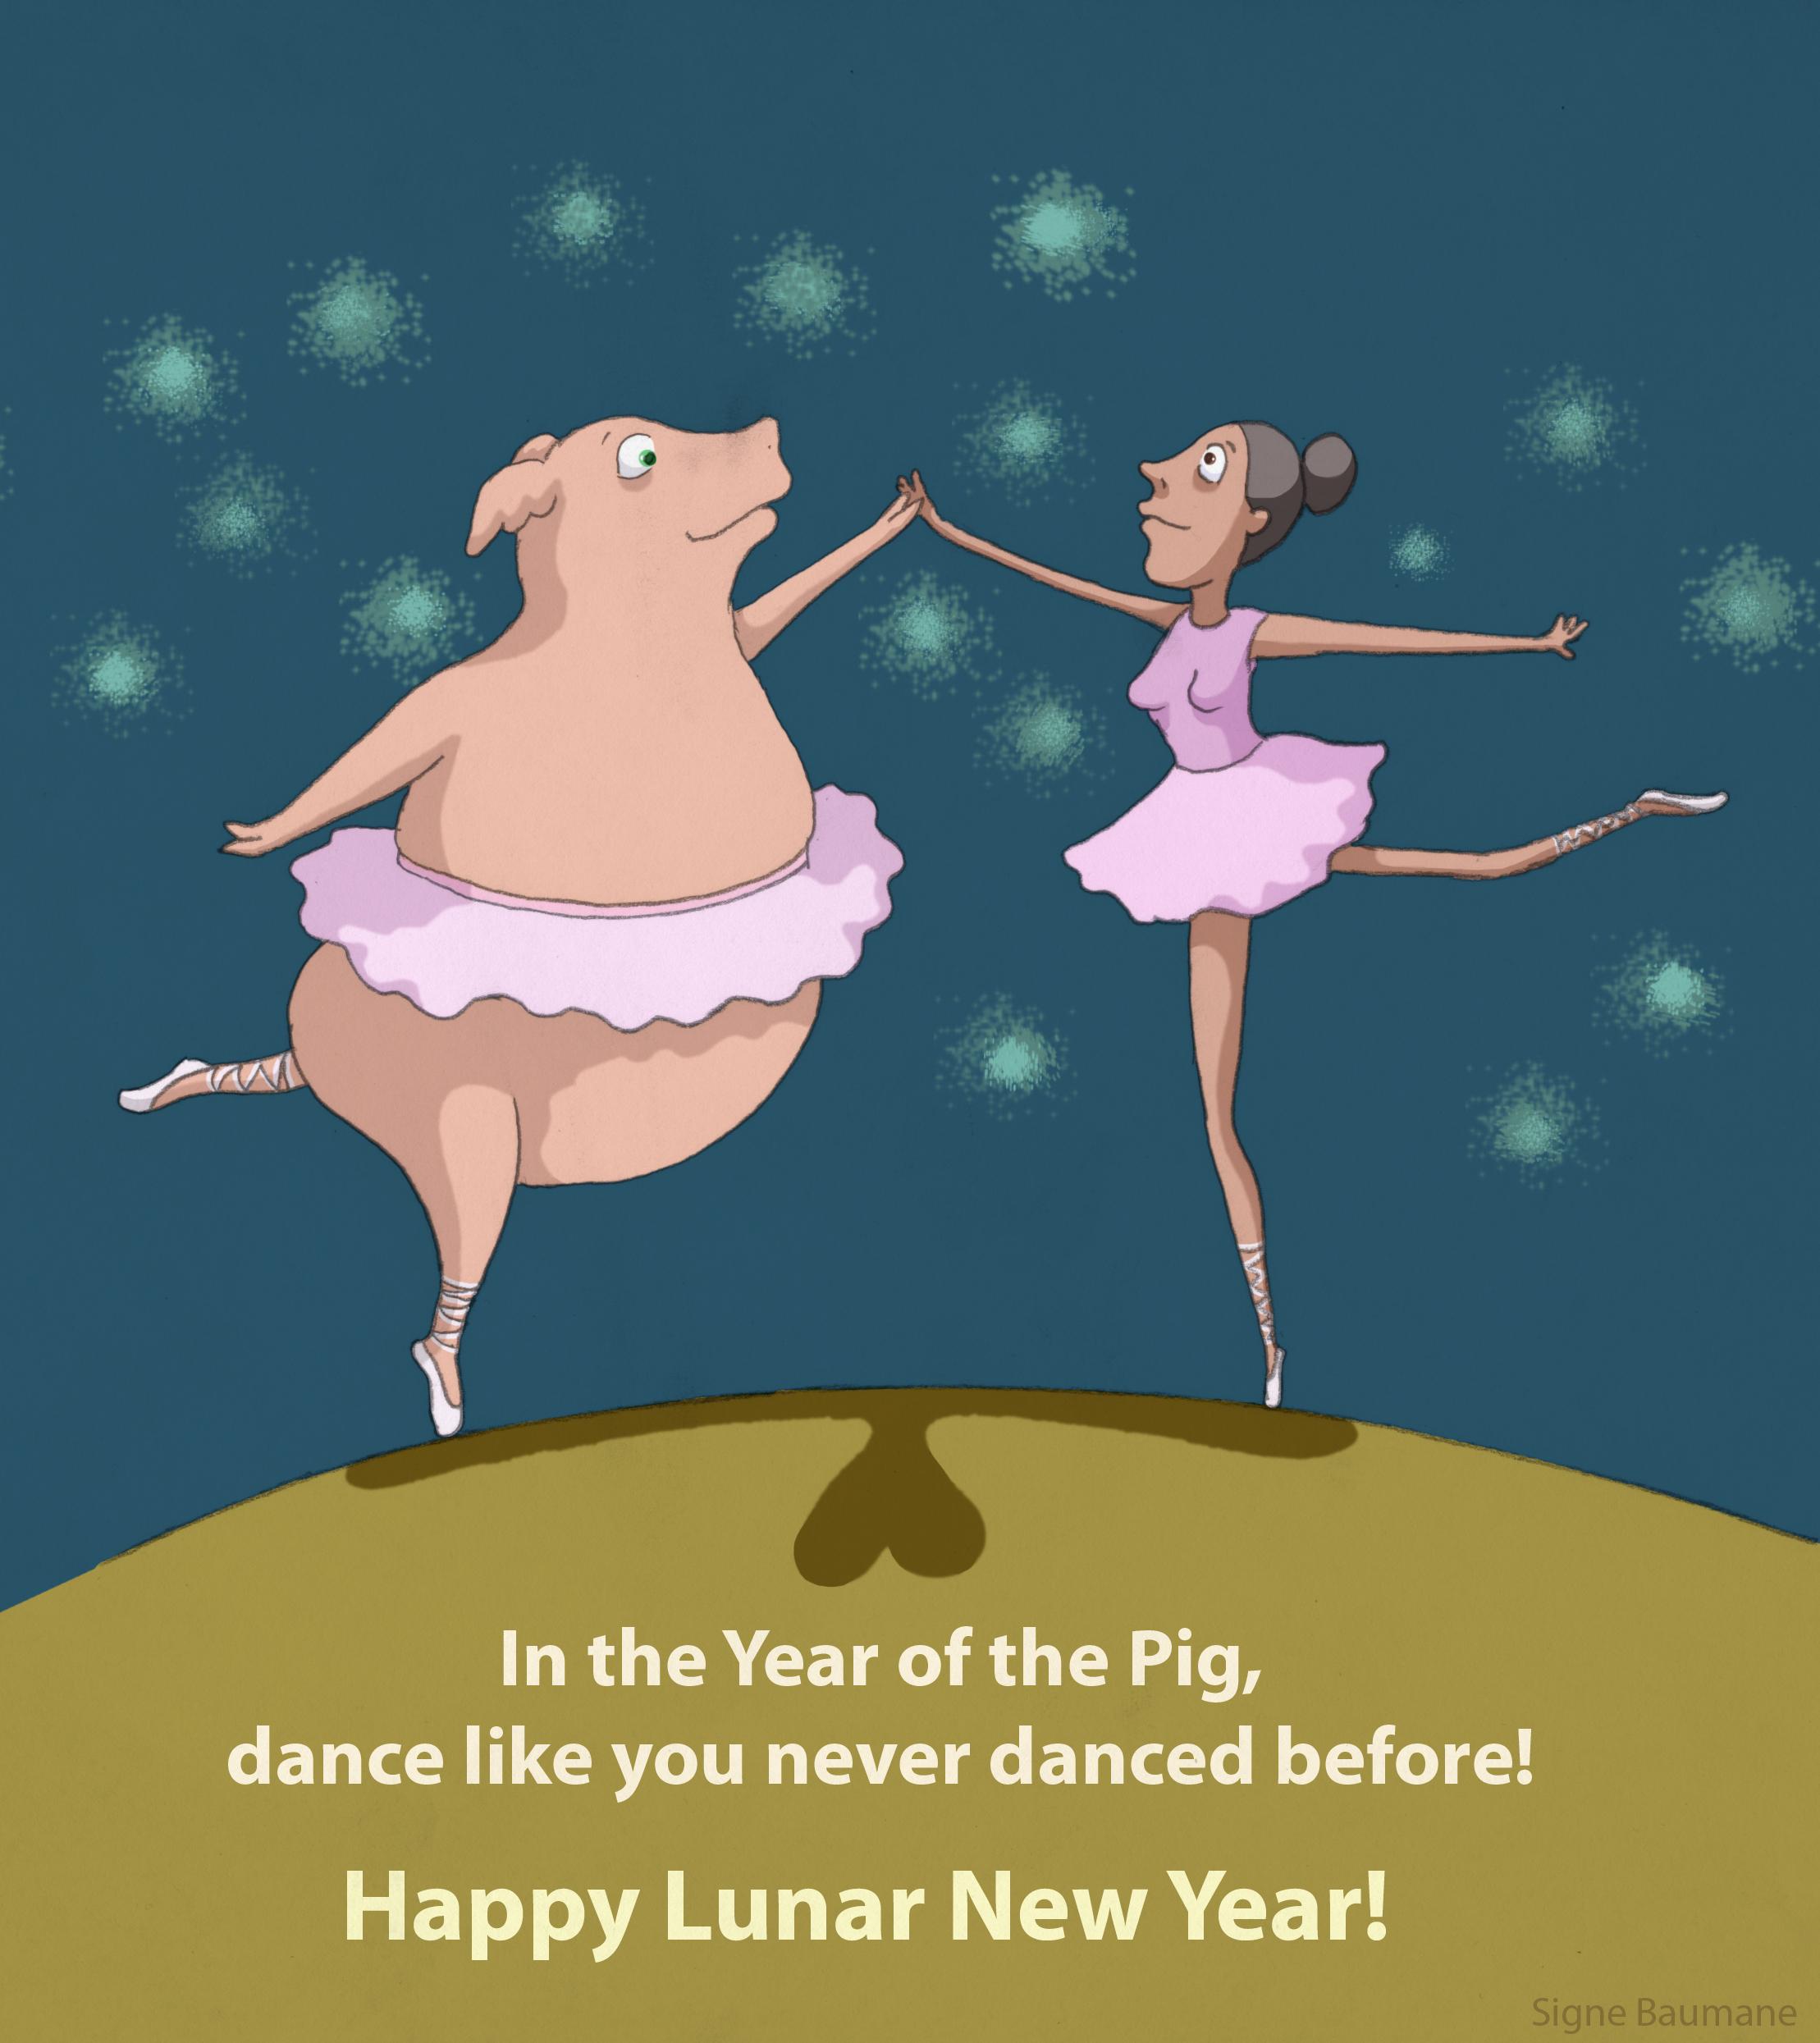 Dancing Pig_Cropped.jpg